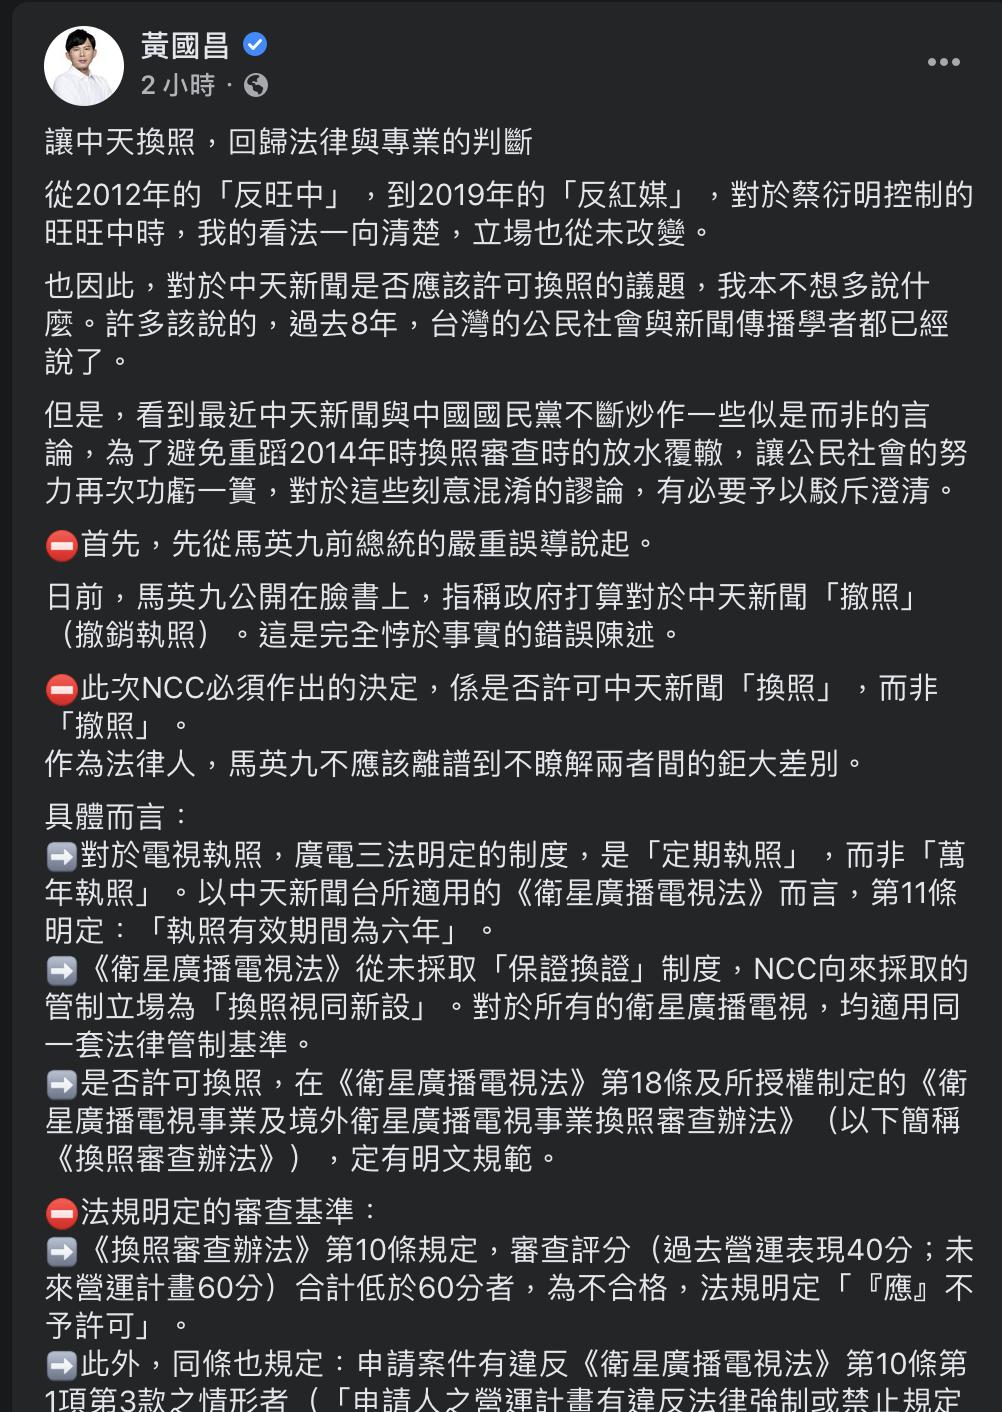 黃國昌臉書貼文。   圖:翻攝自黃國昌臉書